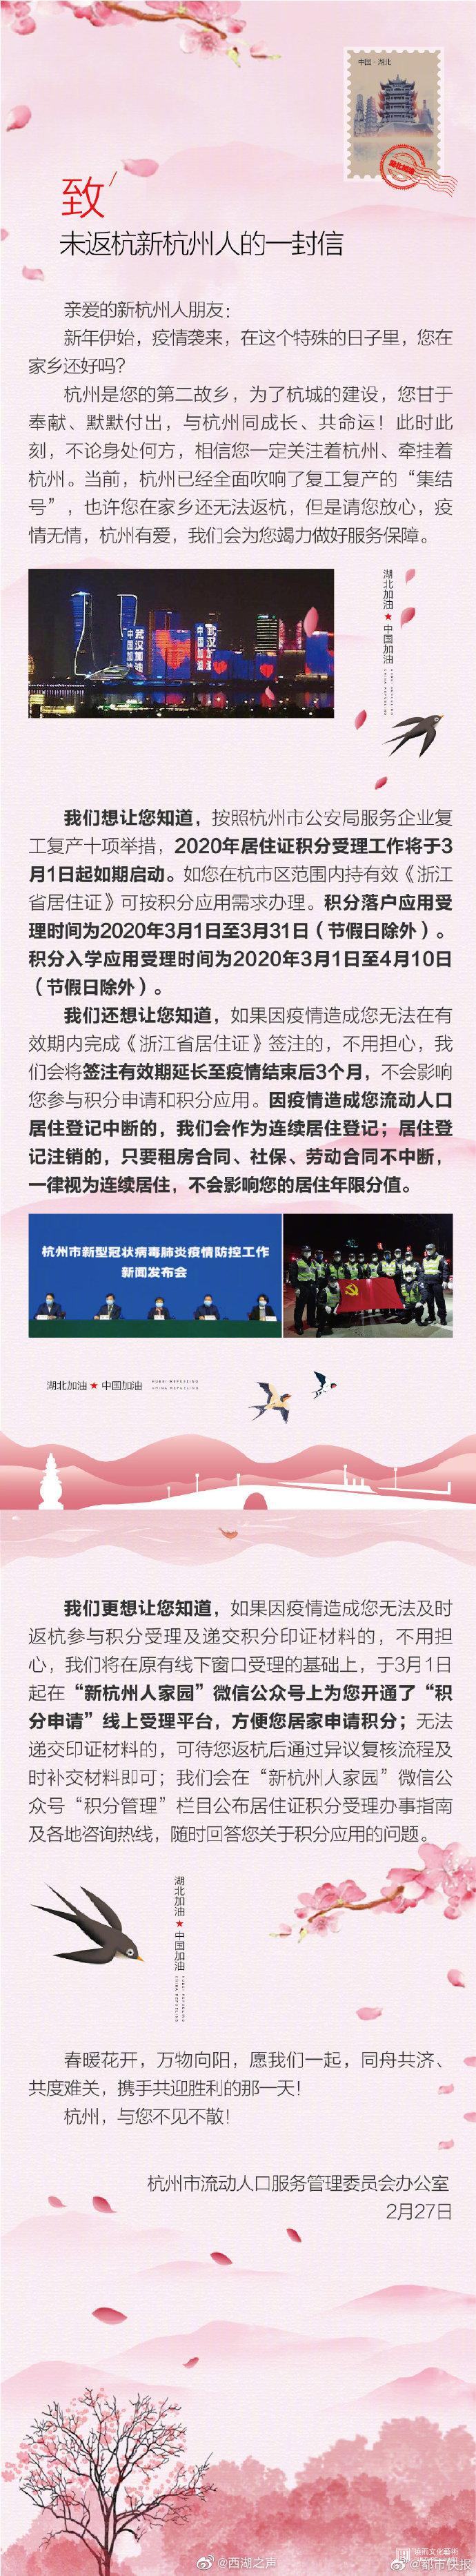 ——杭州市流动人口服务管理委员会办公室  L